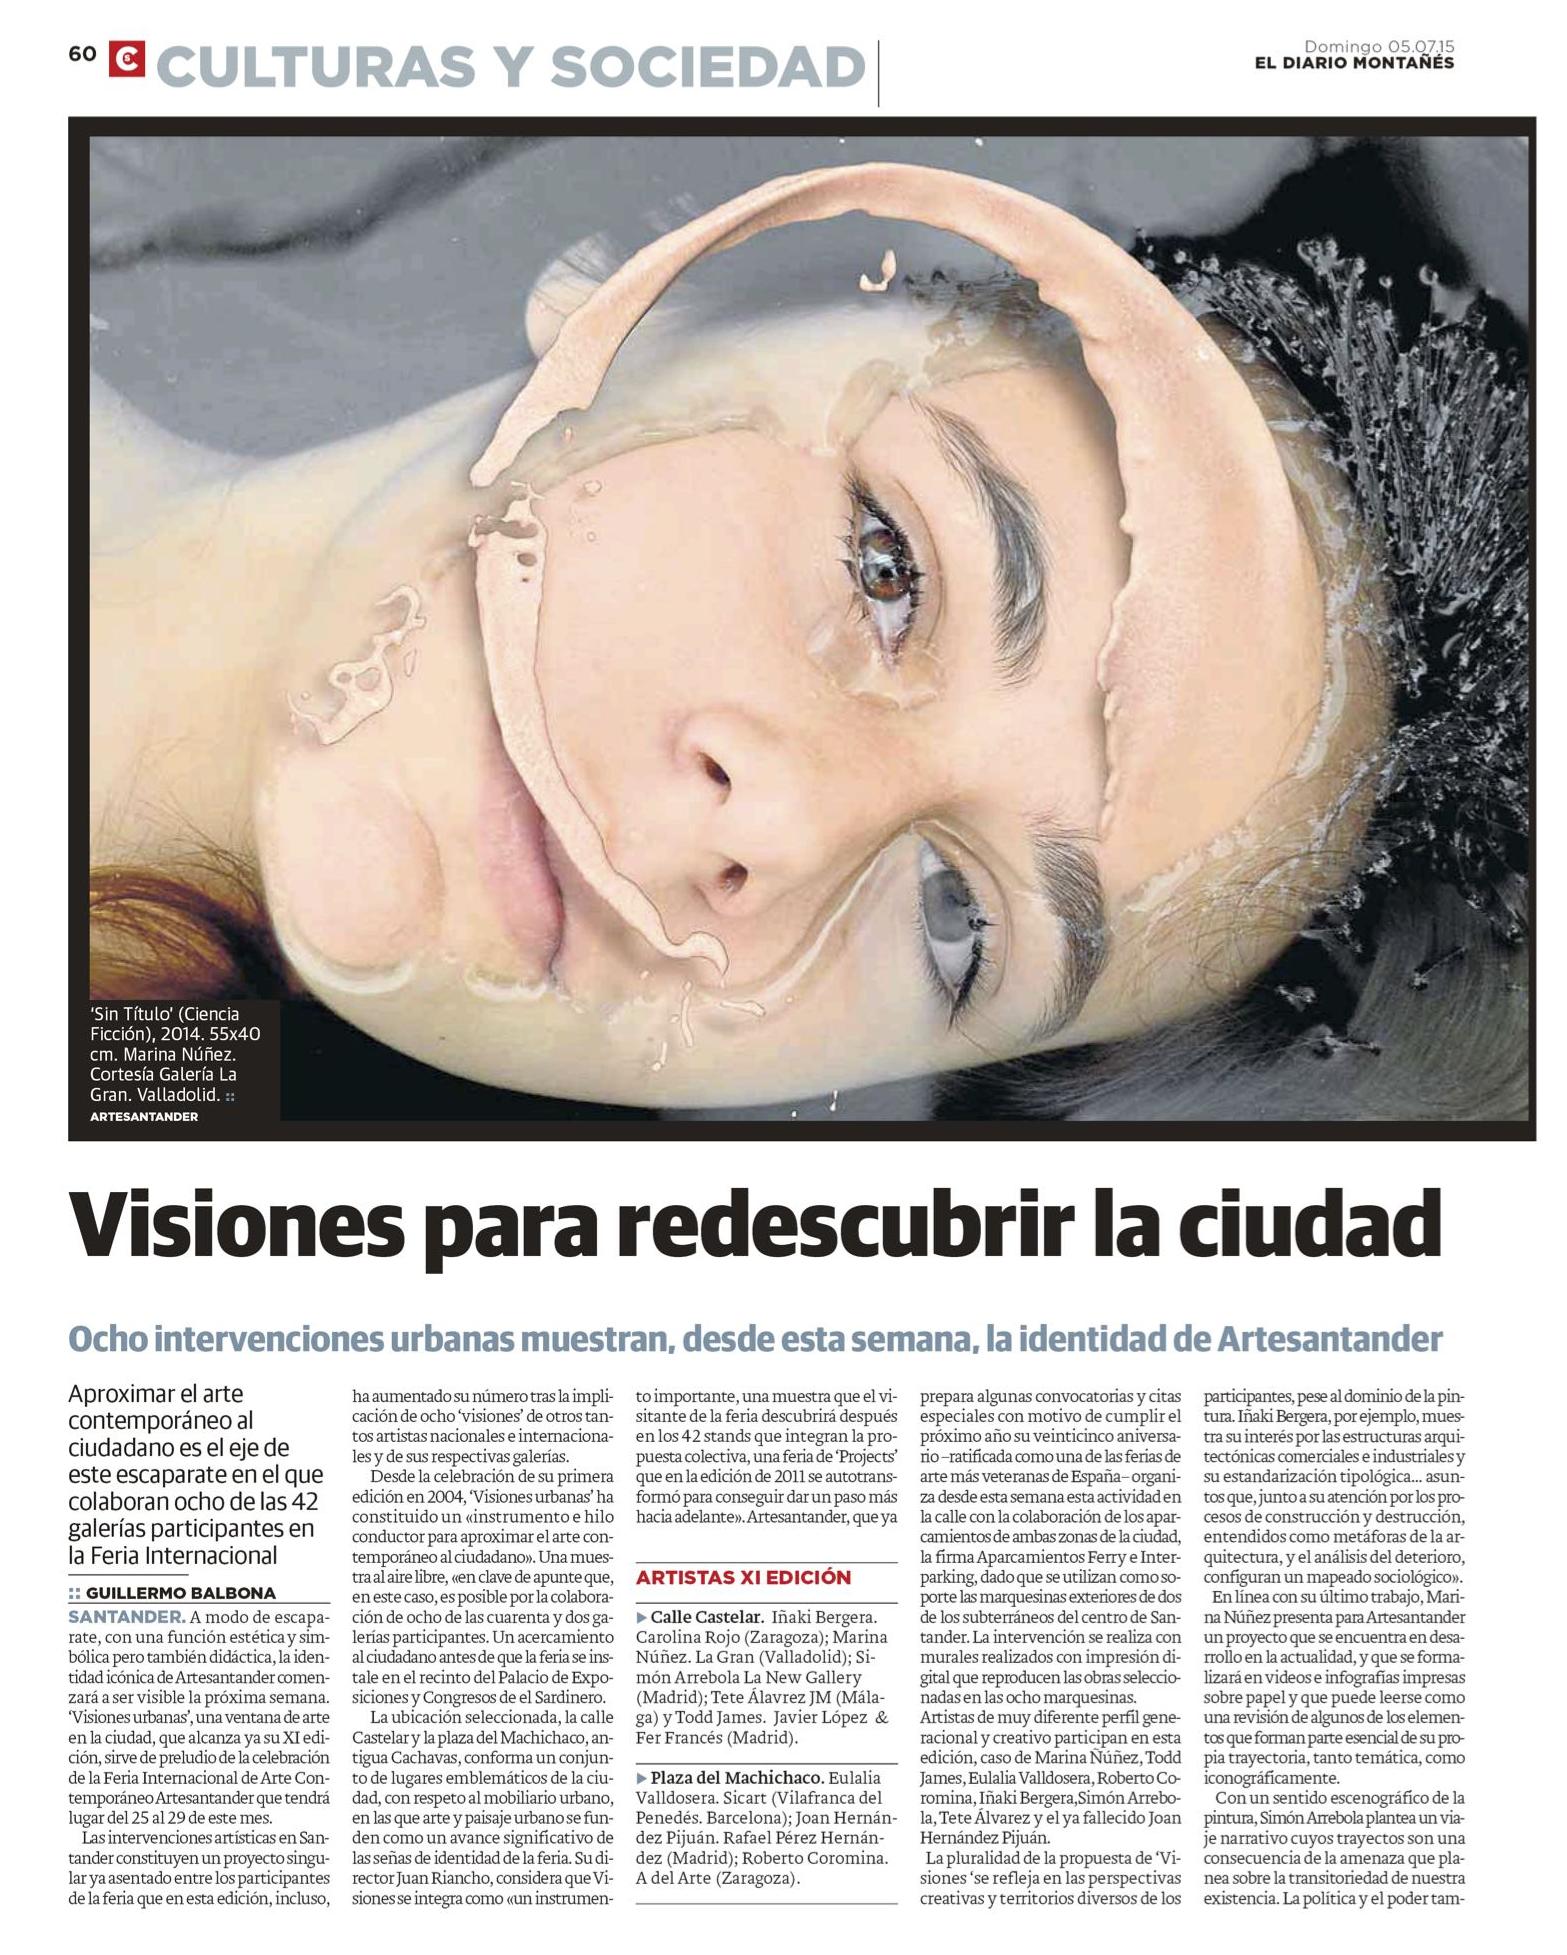 ElDiarioMontañes_5jul15_p60.jpg